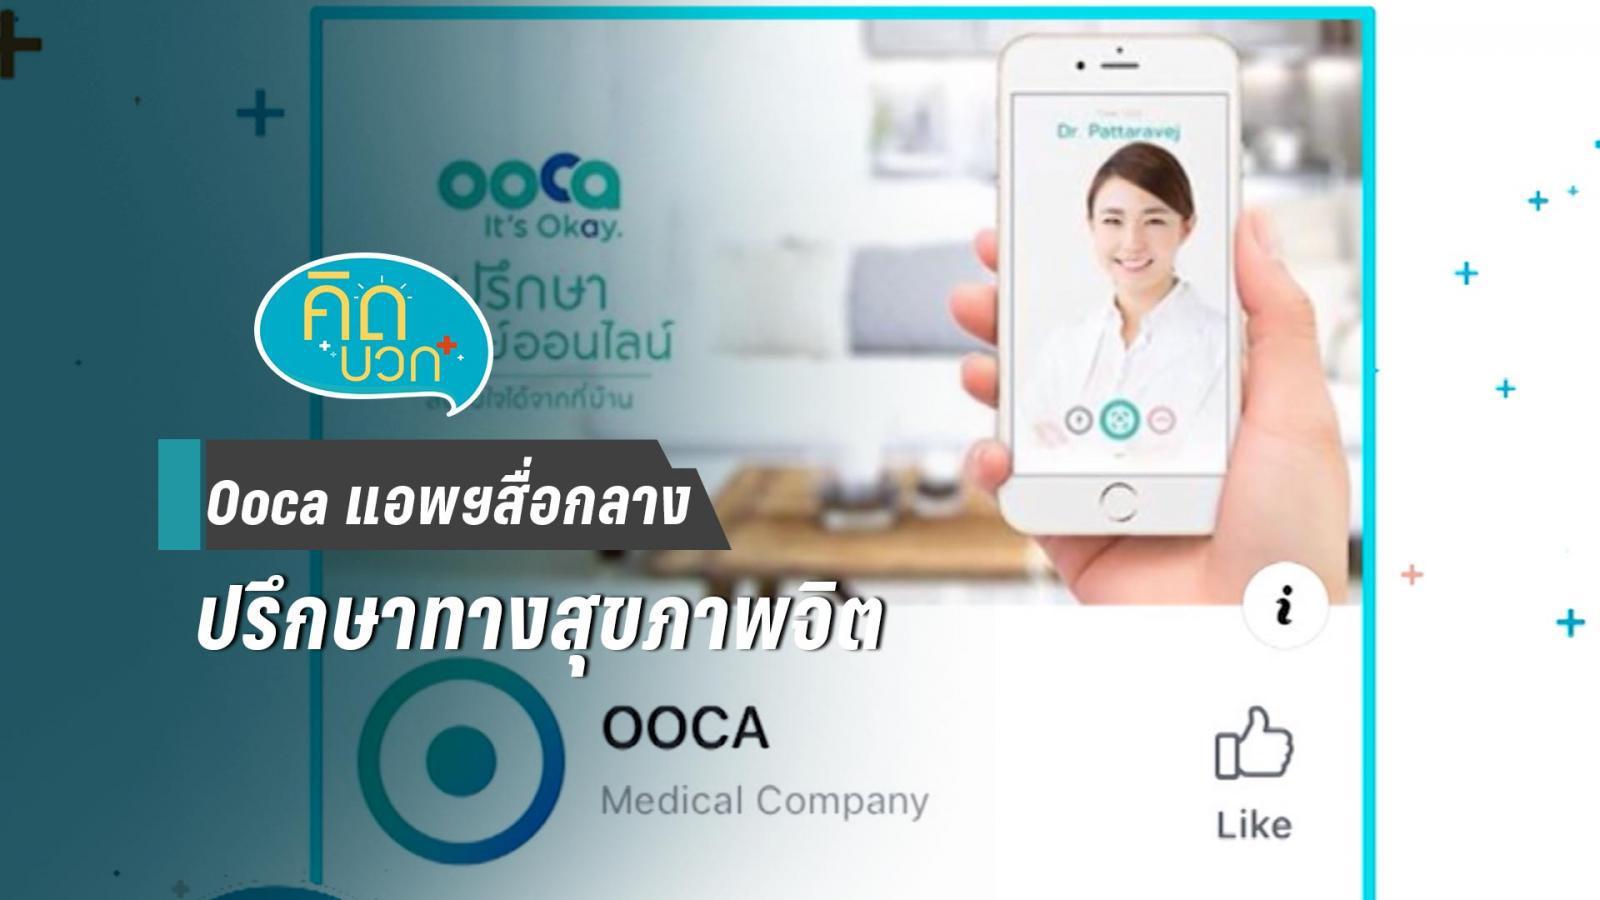 Ooca แอพพลิเคชั่นสื่อกลางบริการปรึกษาทางสุขภาพจิต